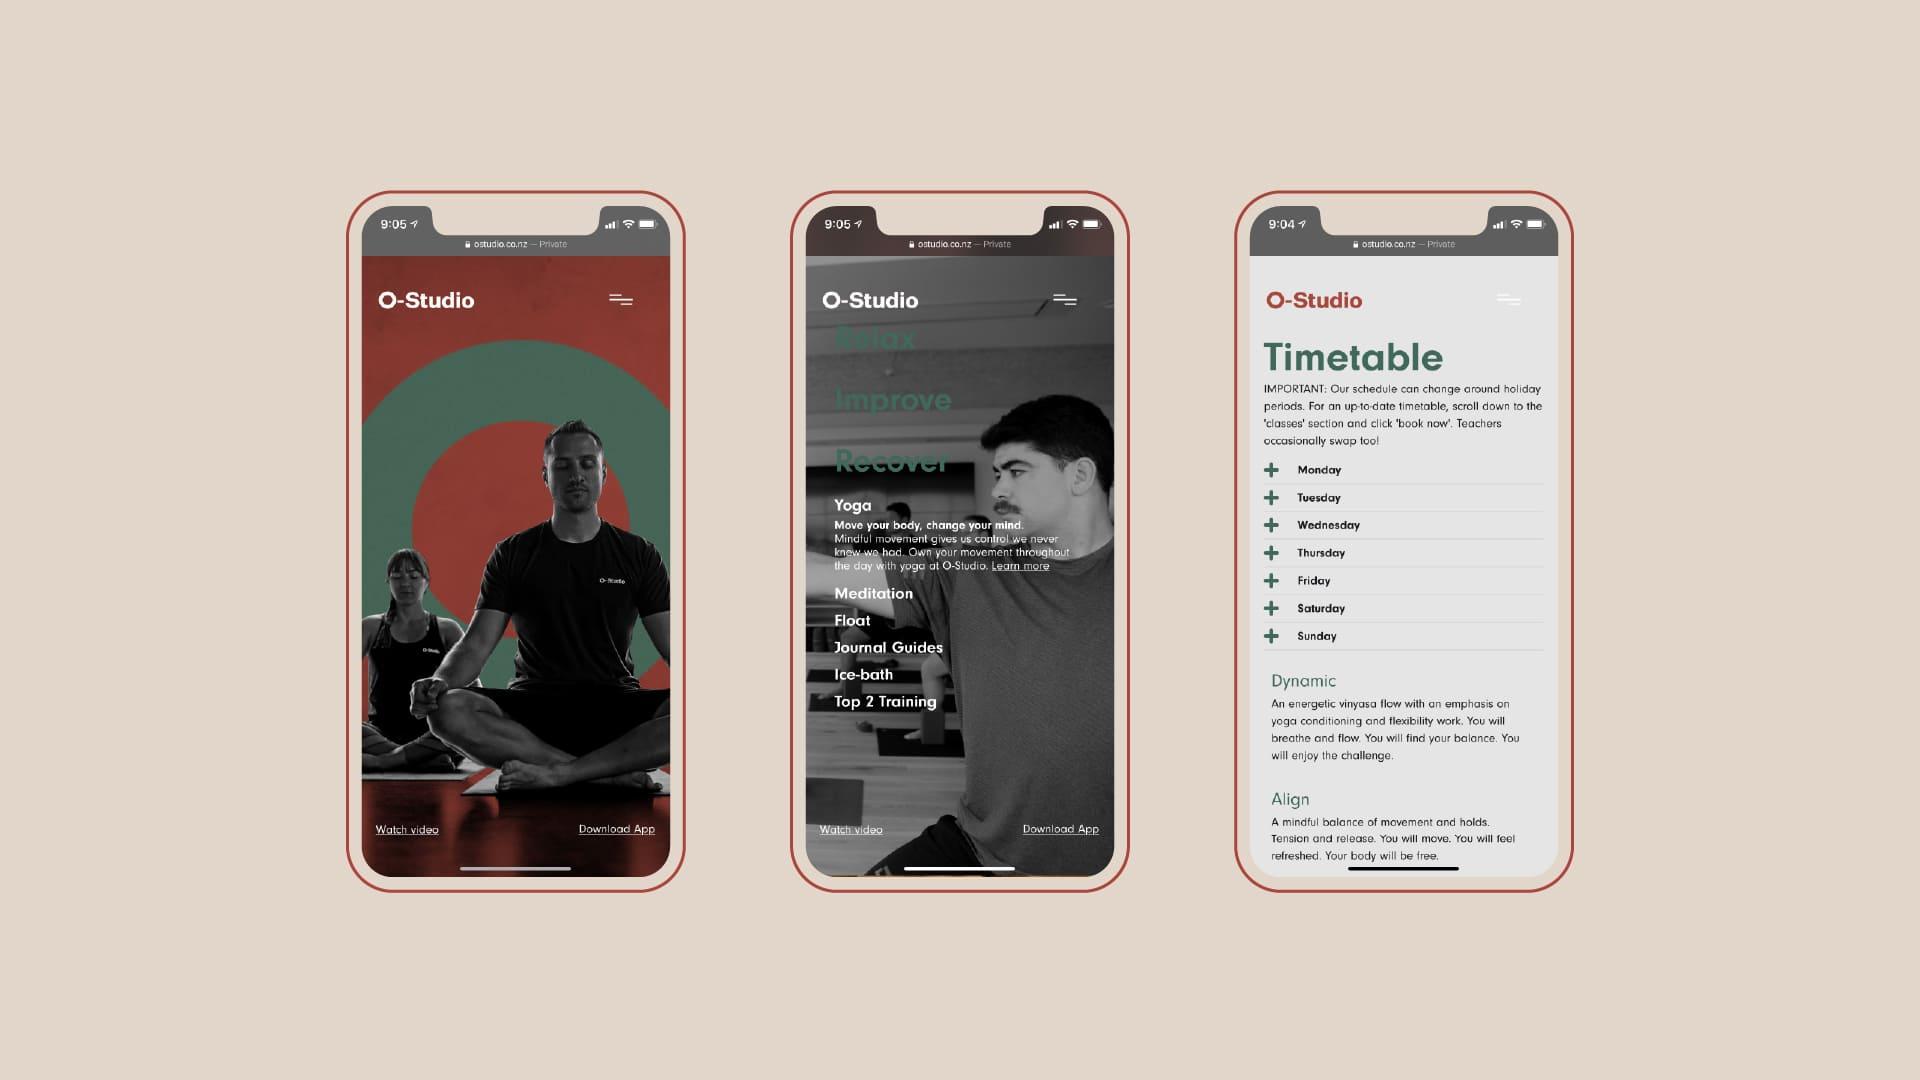 attraction studio o-studio brand mobile devices